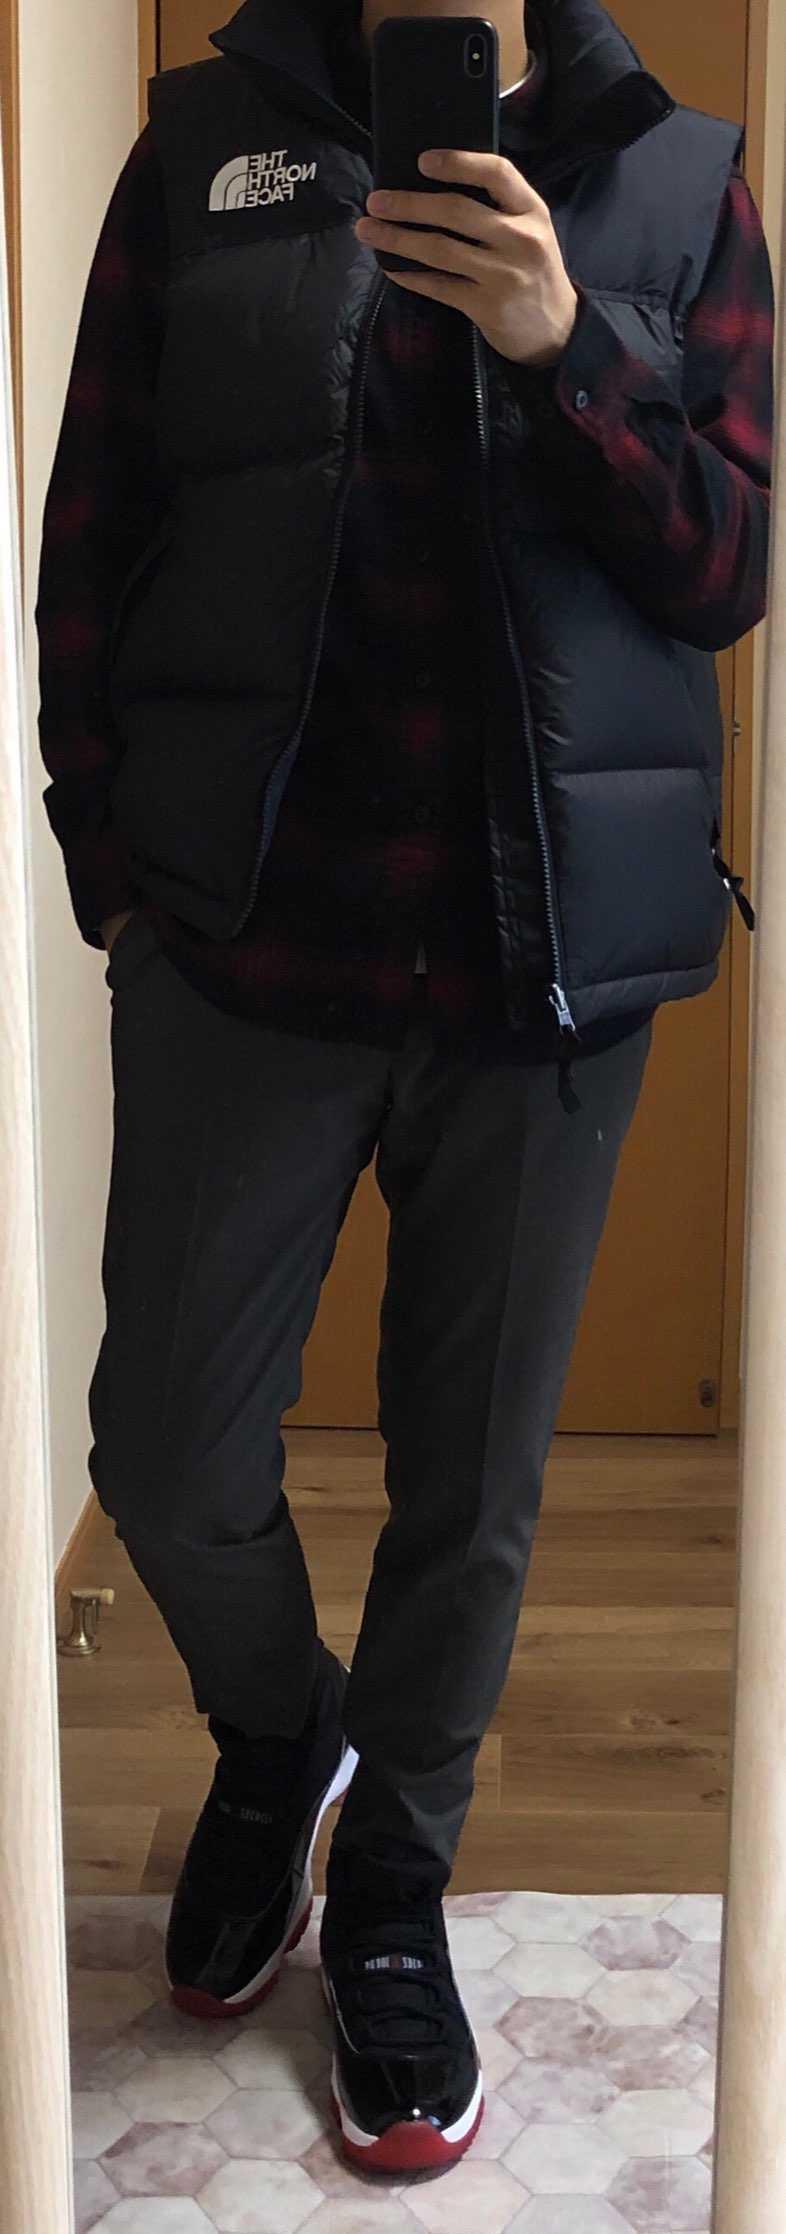 本日はスーツ購入に出かけようと思い、その際のコーデに頭を悩ませていました